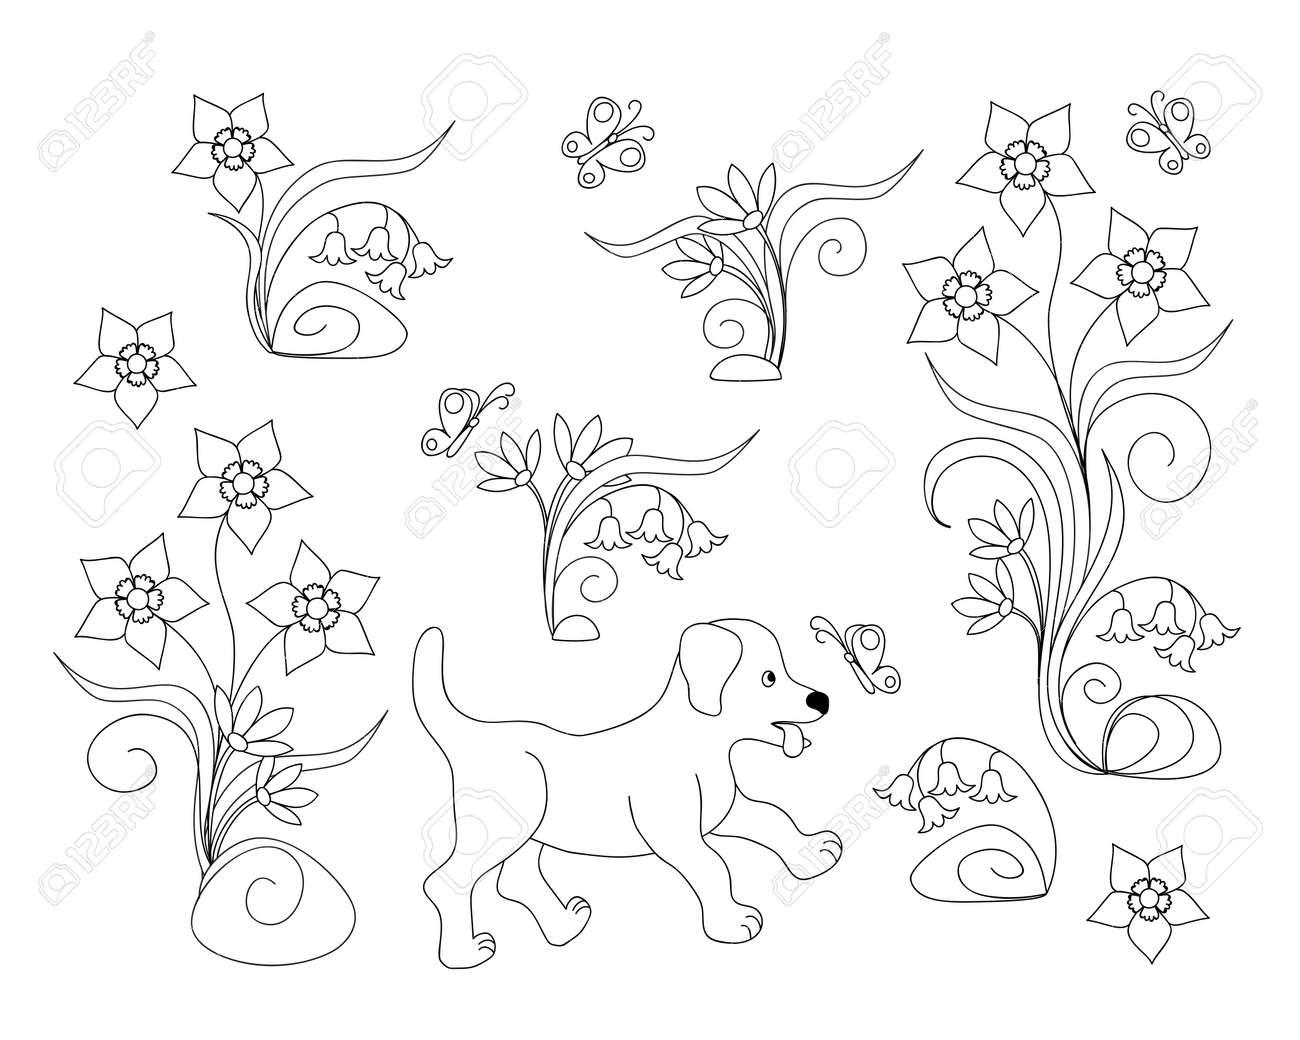 Malvorlagen Mit Niedlichen Cartoon Welpen Unter Blumen Für Kinder ...